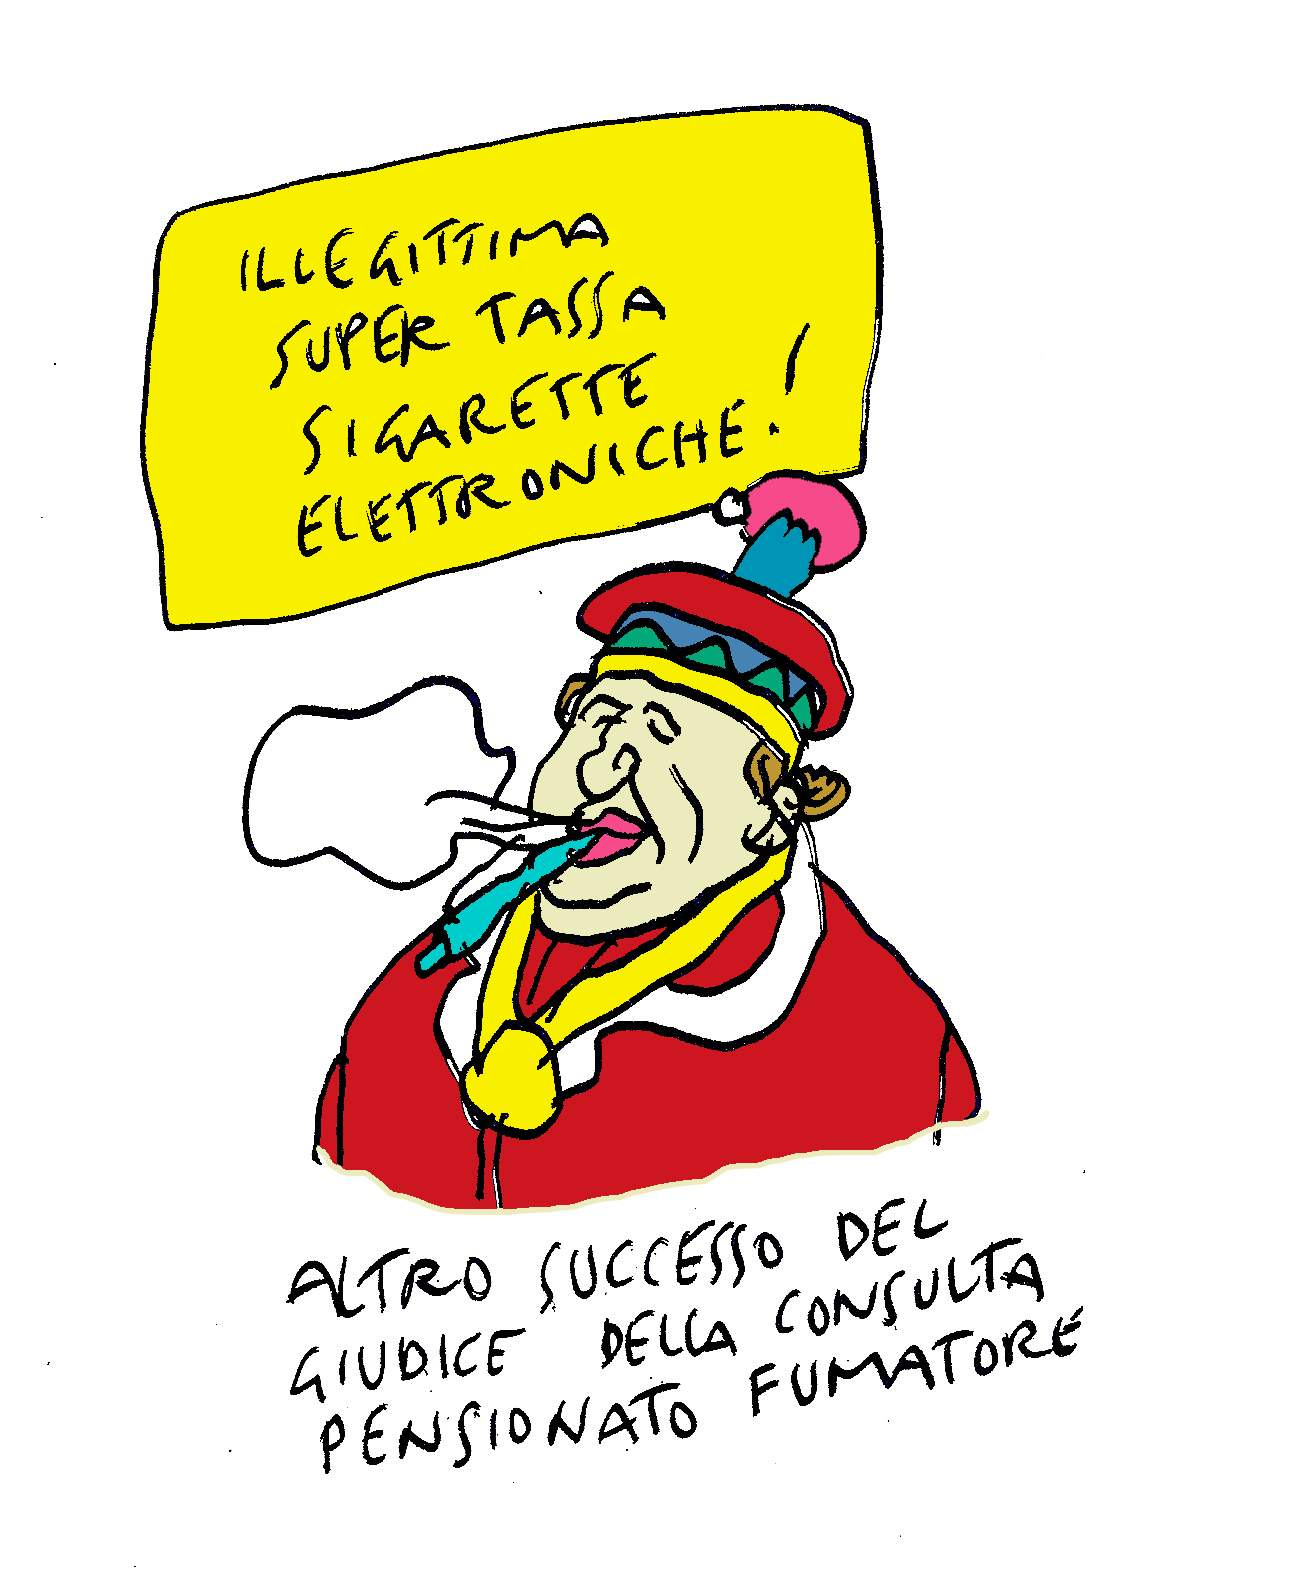 consulta elettrK